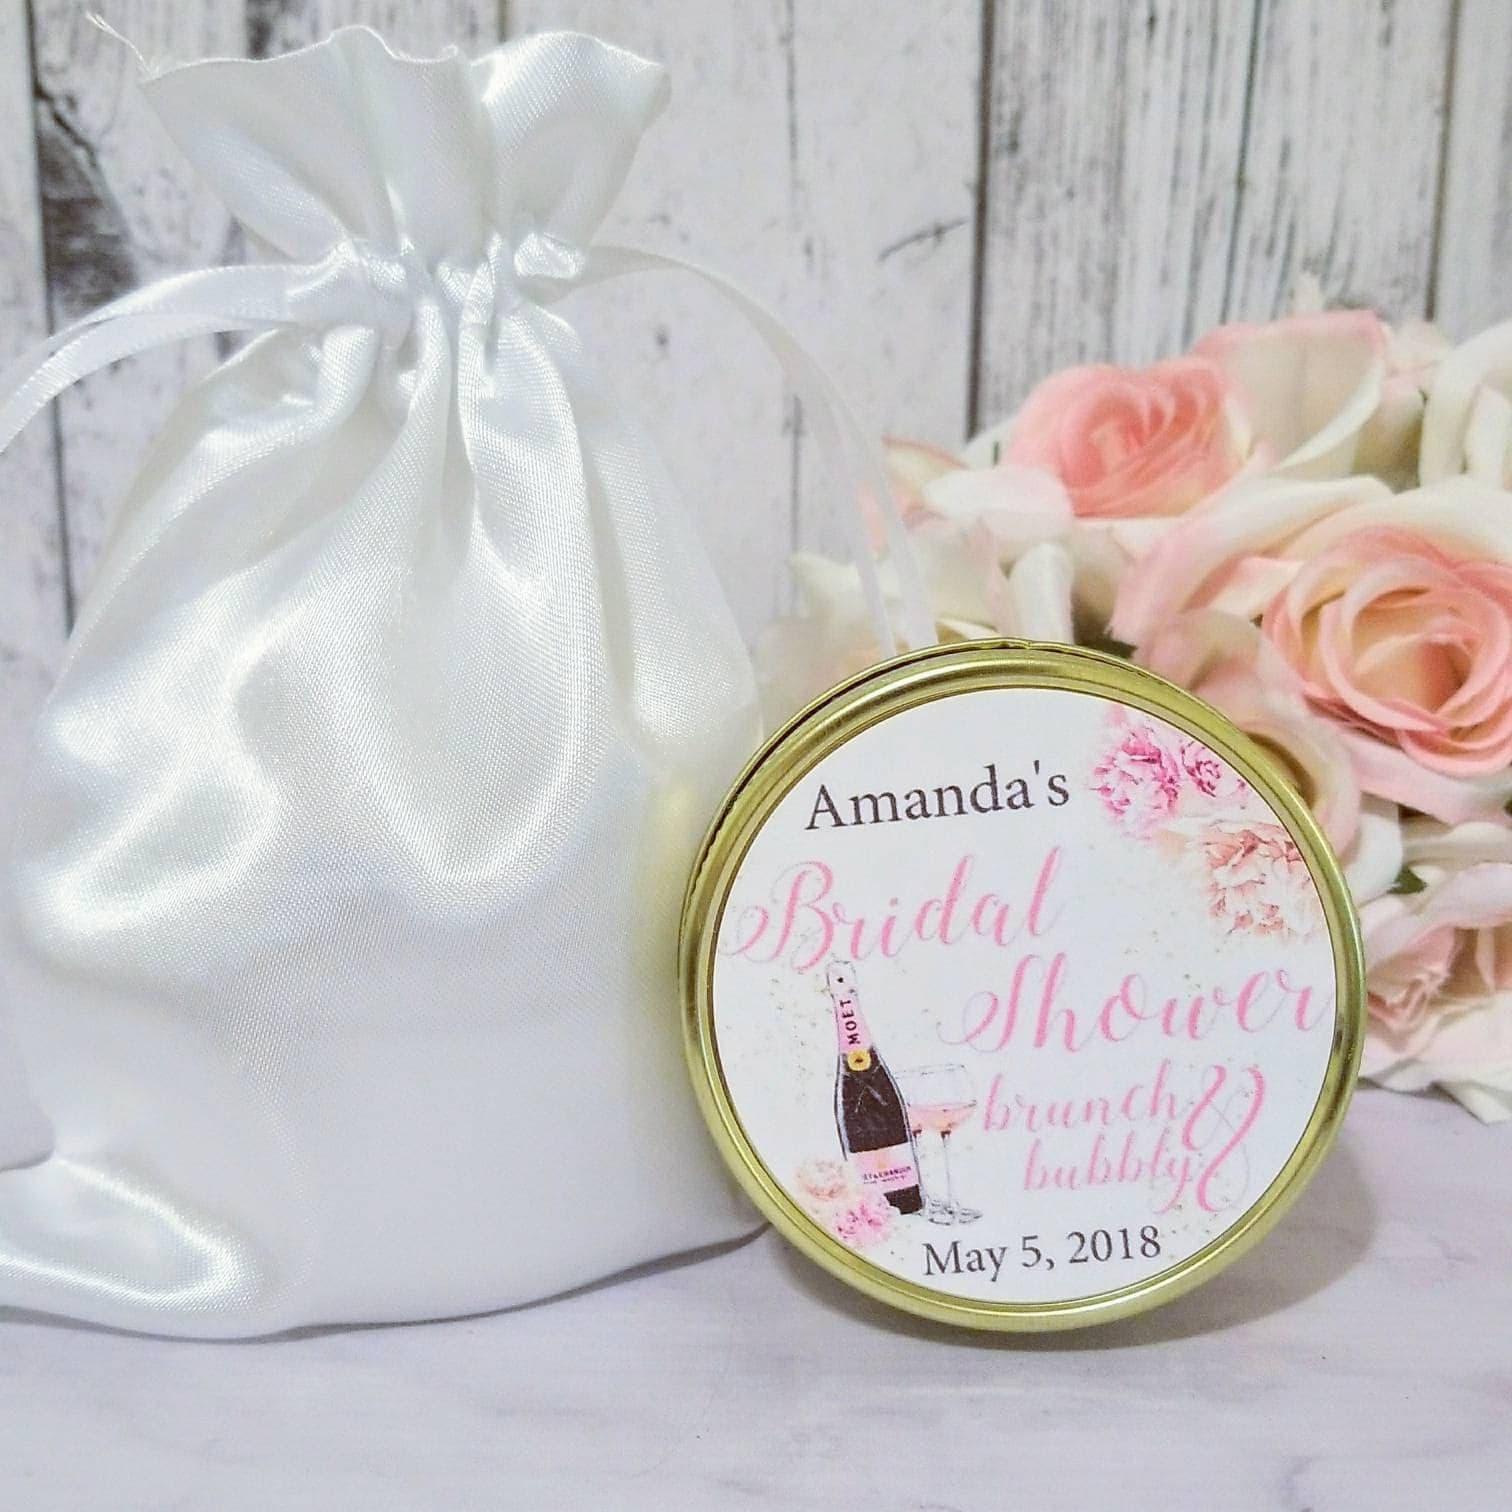 Bridal Shower Favors - Brunch and Bubbly Bridal Shower - Bridal ...